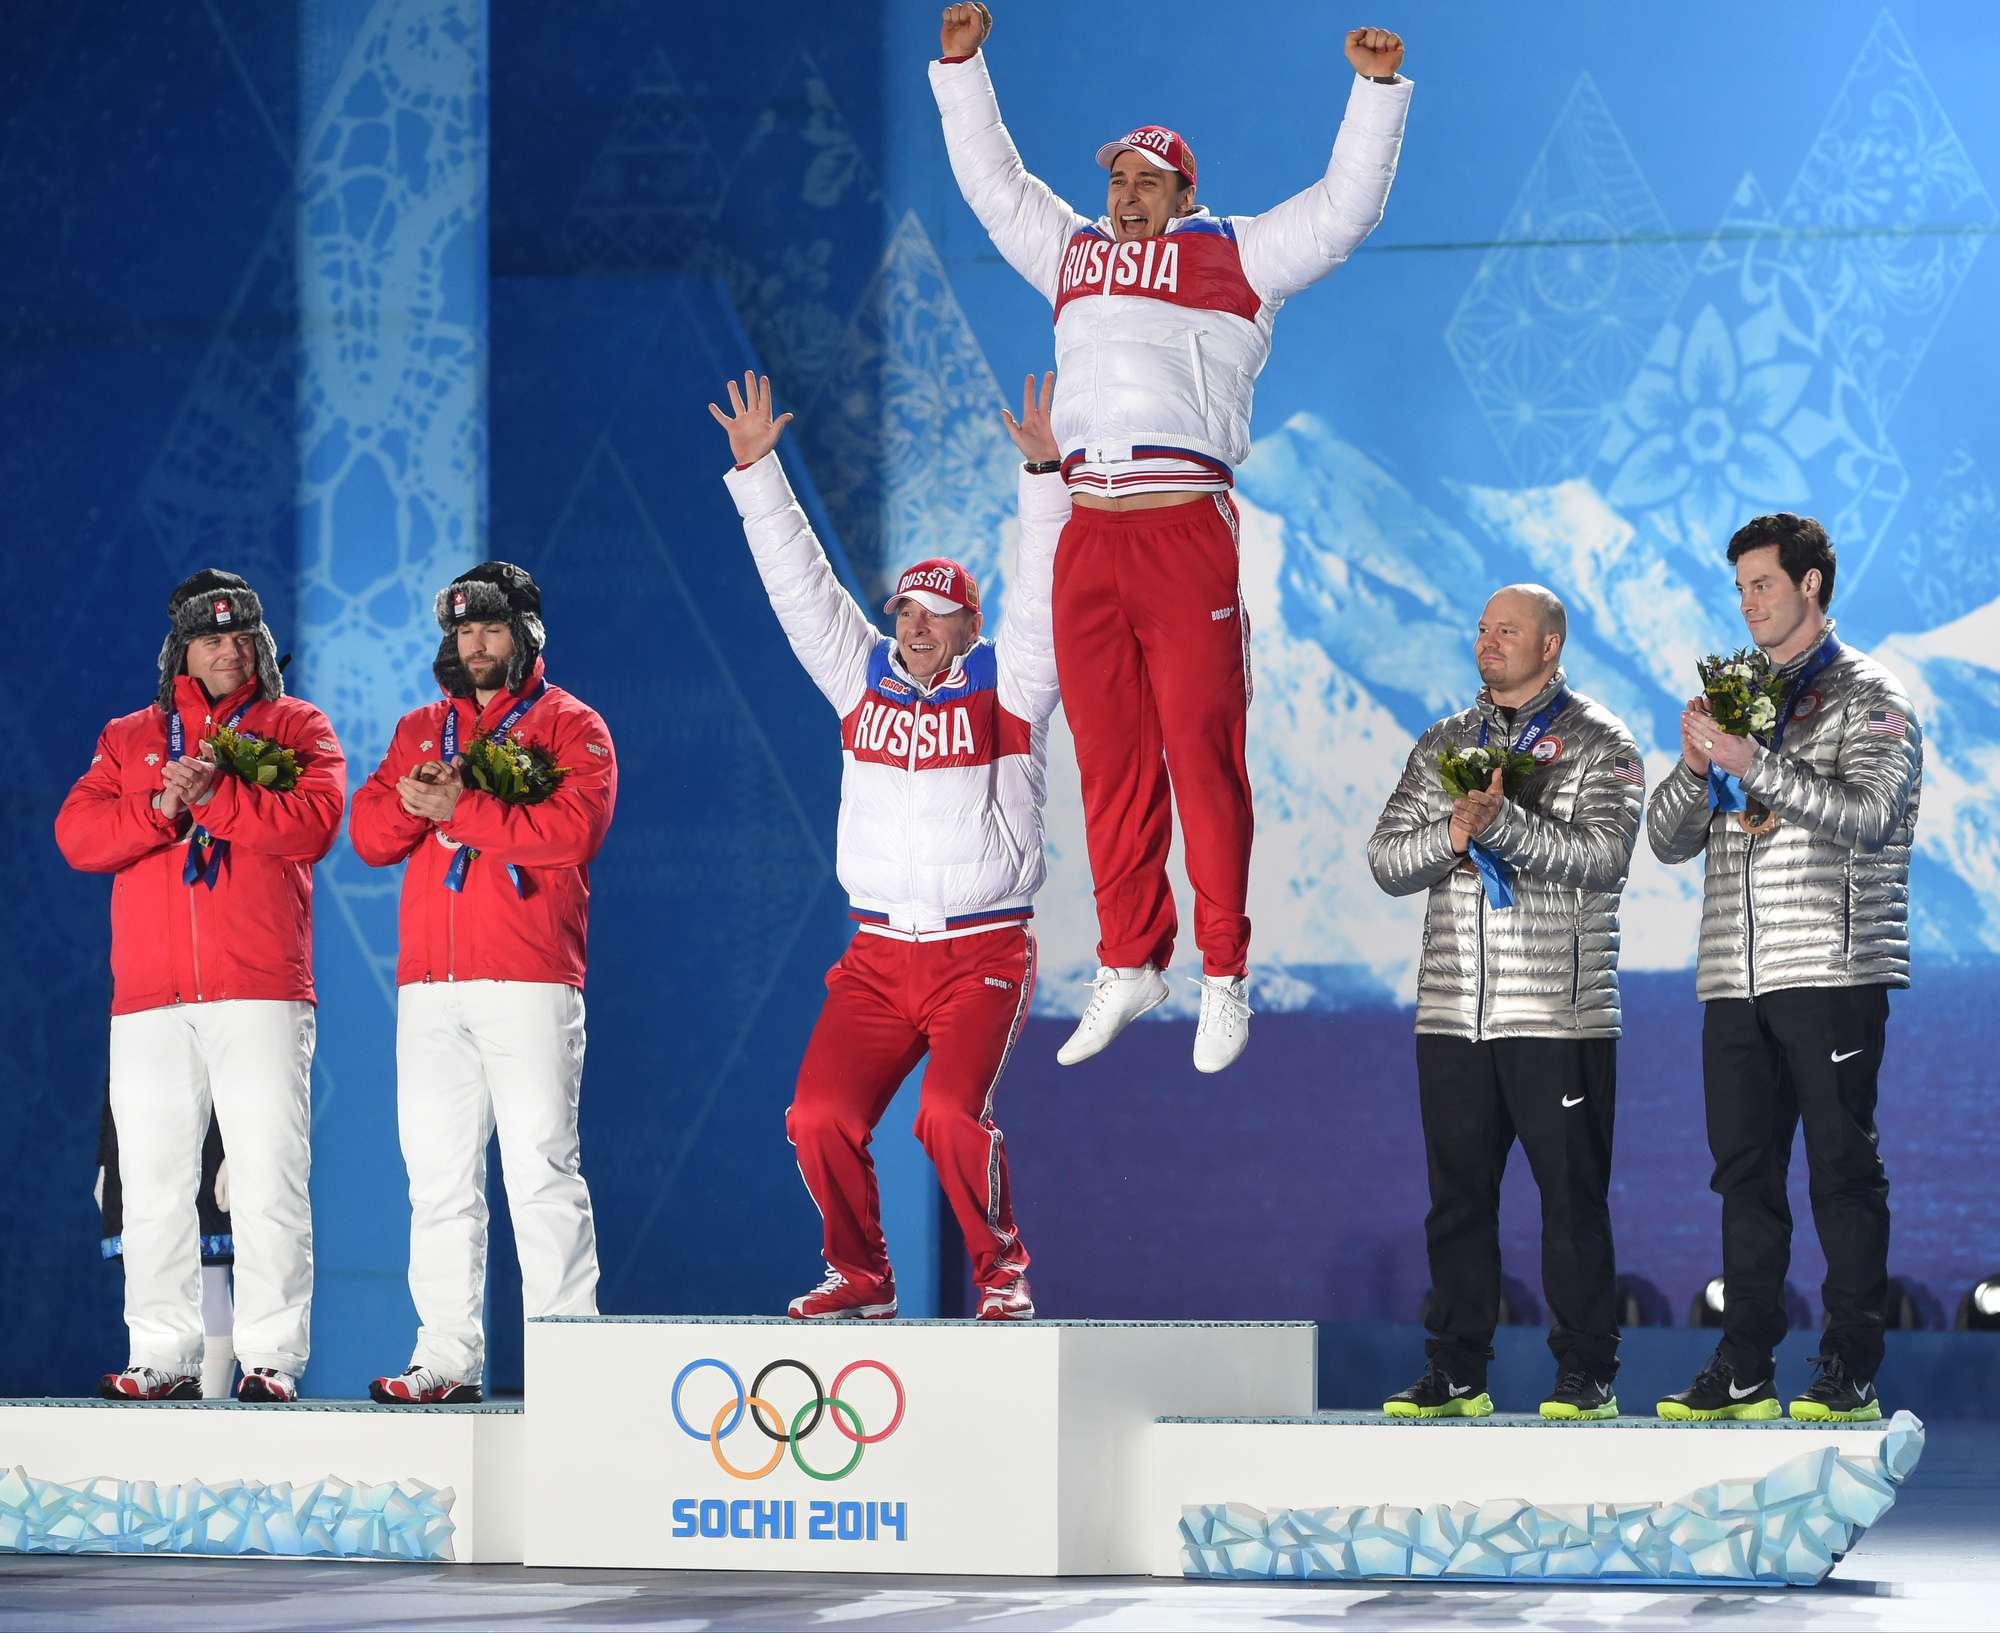 http://ss.sport-express.ru/userfiles/press/imagesinsidetext/41/41572/5.jpg